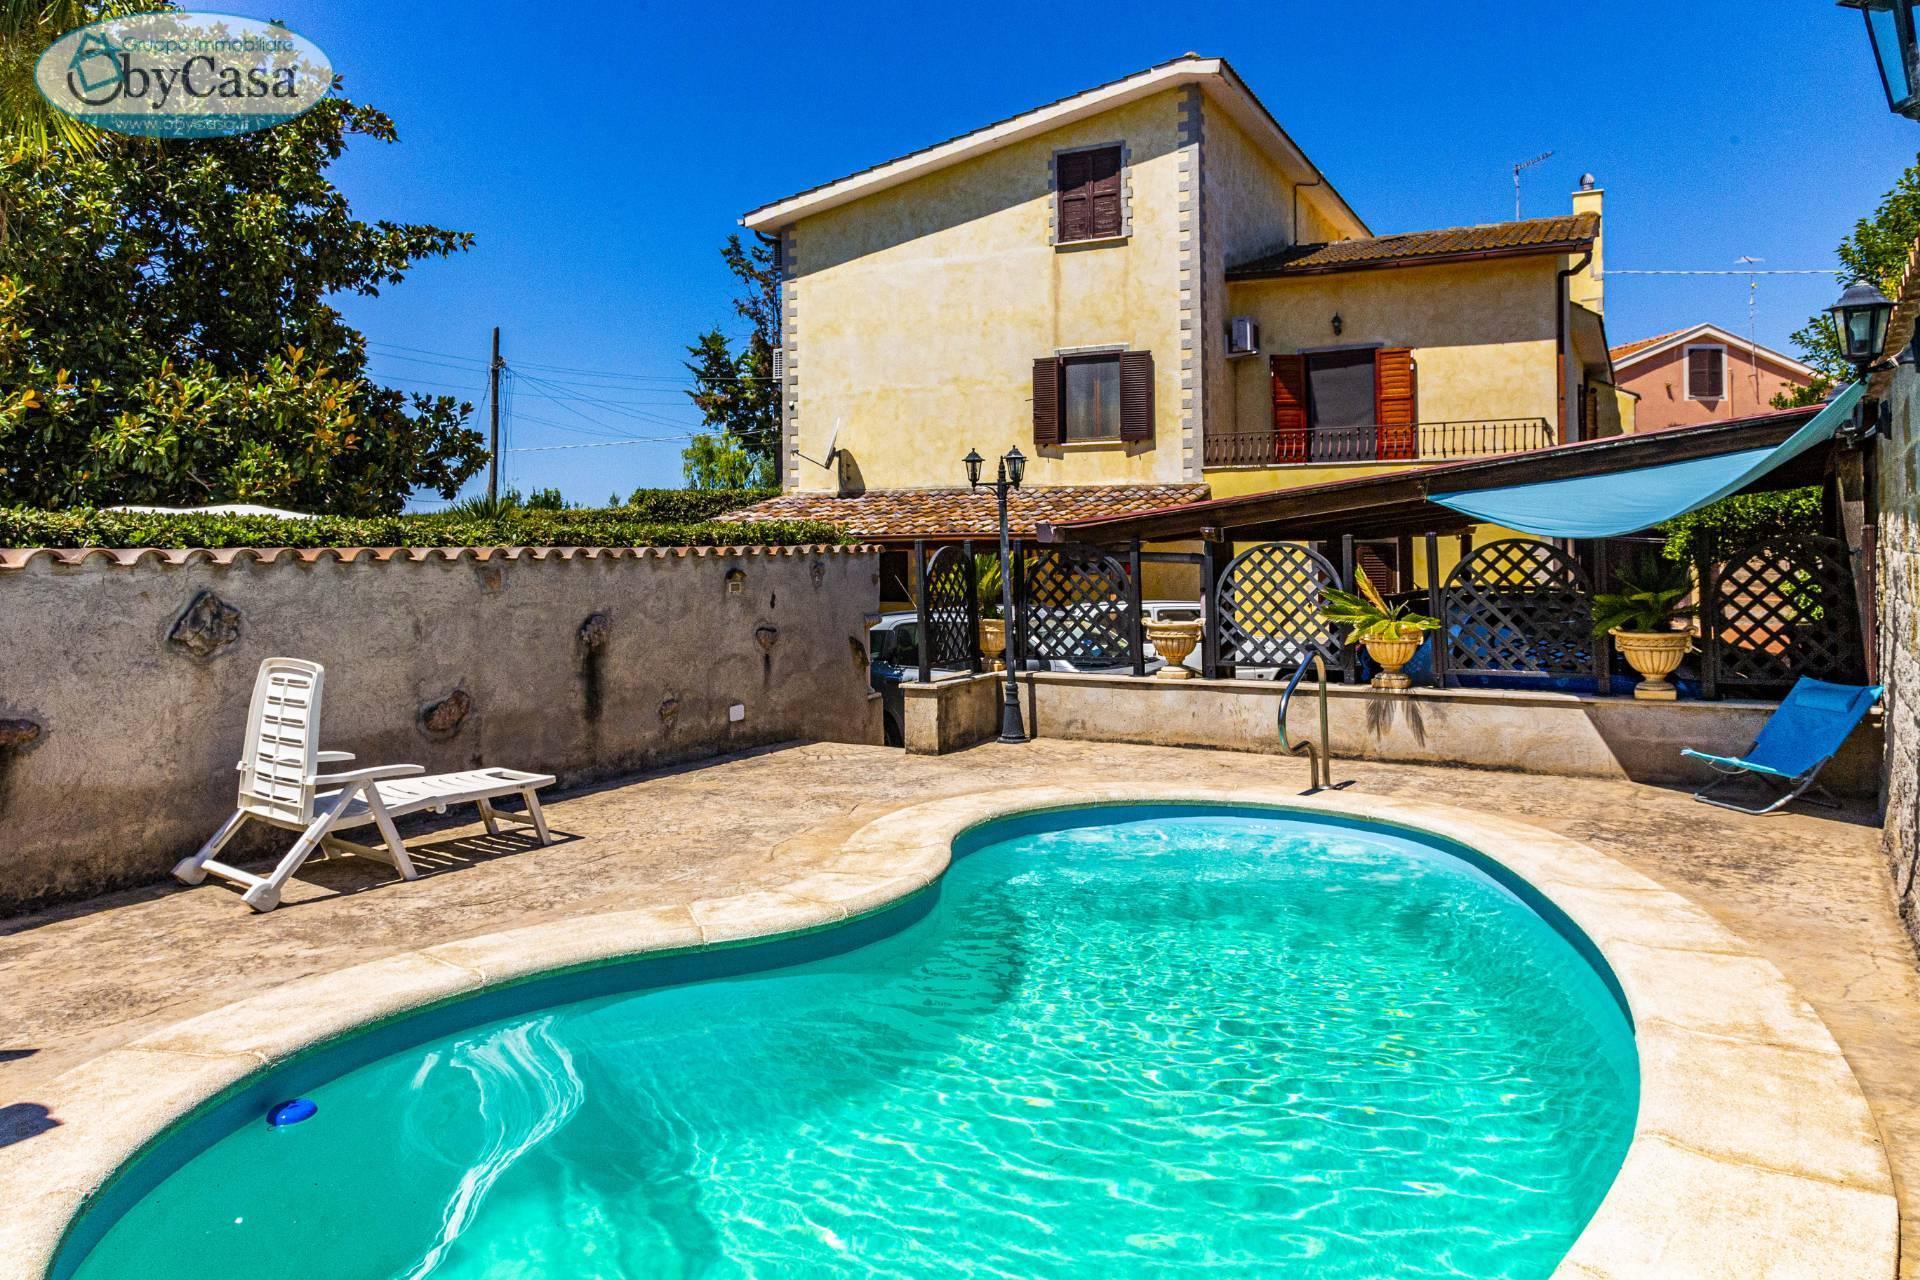 Villa Cerveteri Vendita 550 000 190 Mq Riscaldamento Autonomo Doppi Cambiocasa It